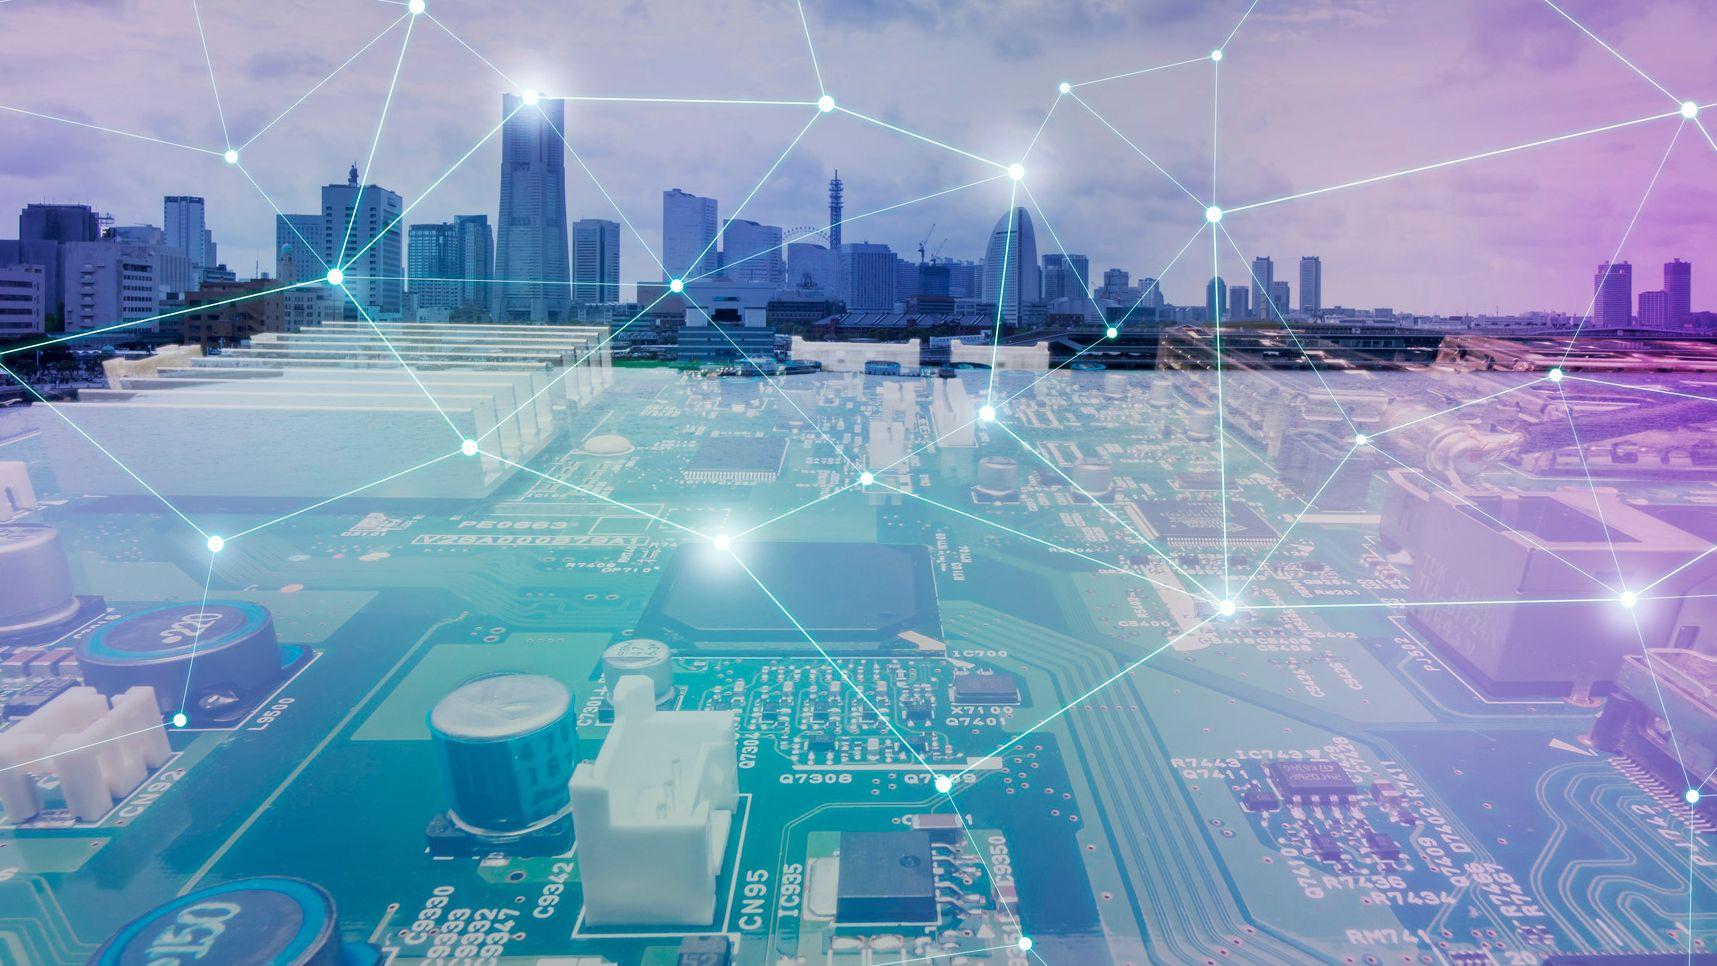 Los espacios híbridos se perciben como un emergente del futuro (iStock)